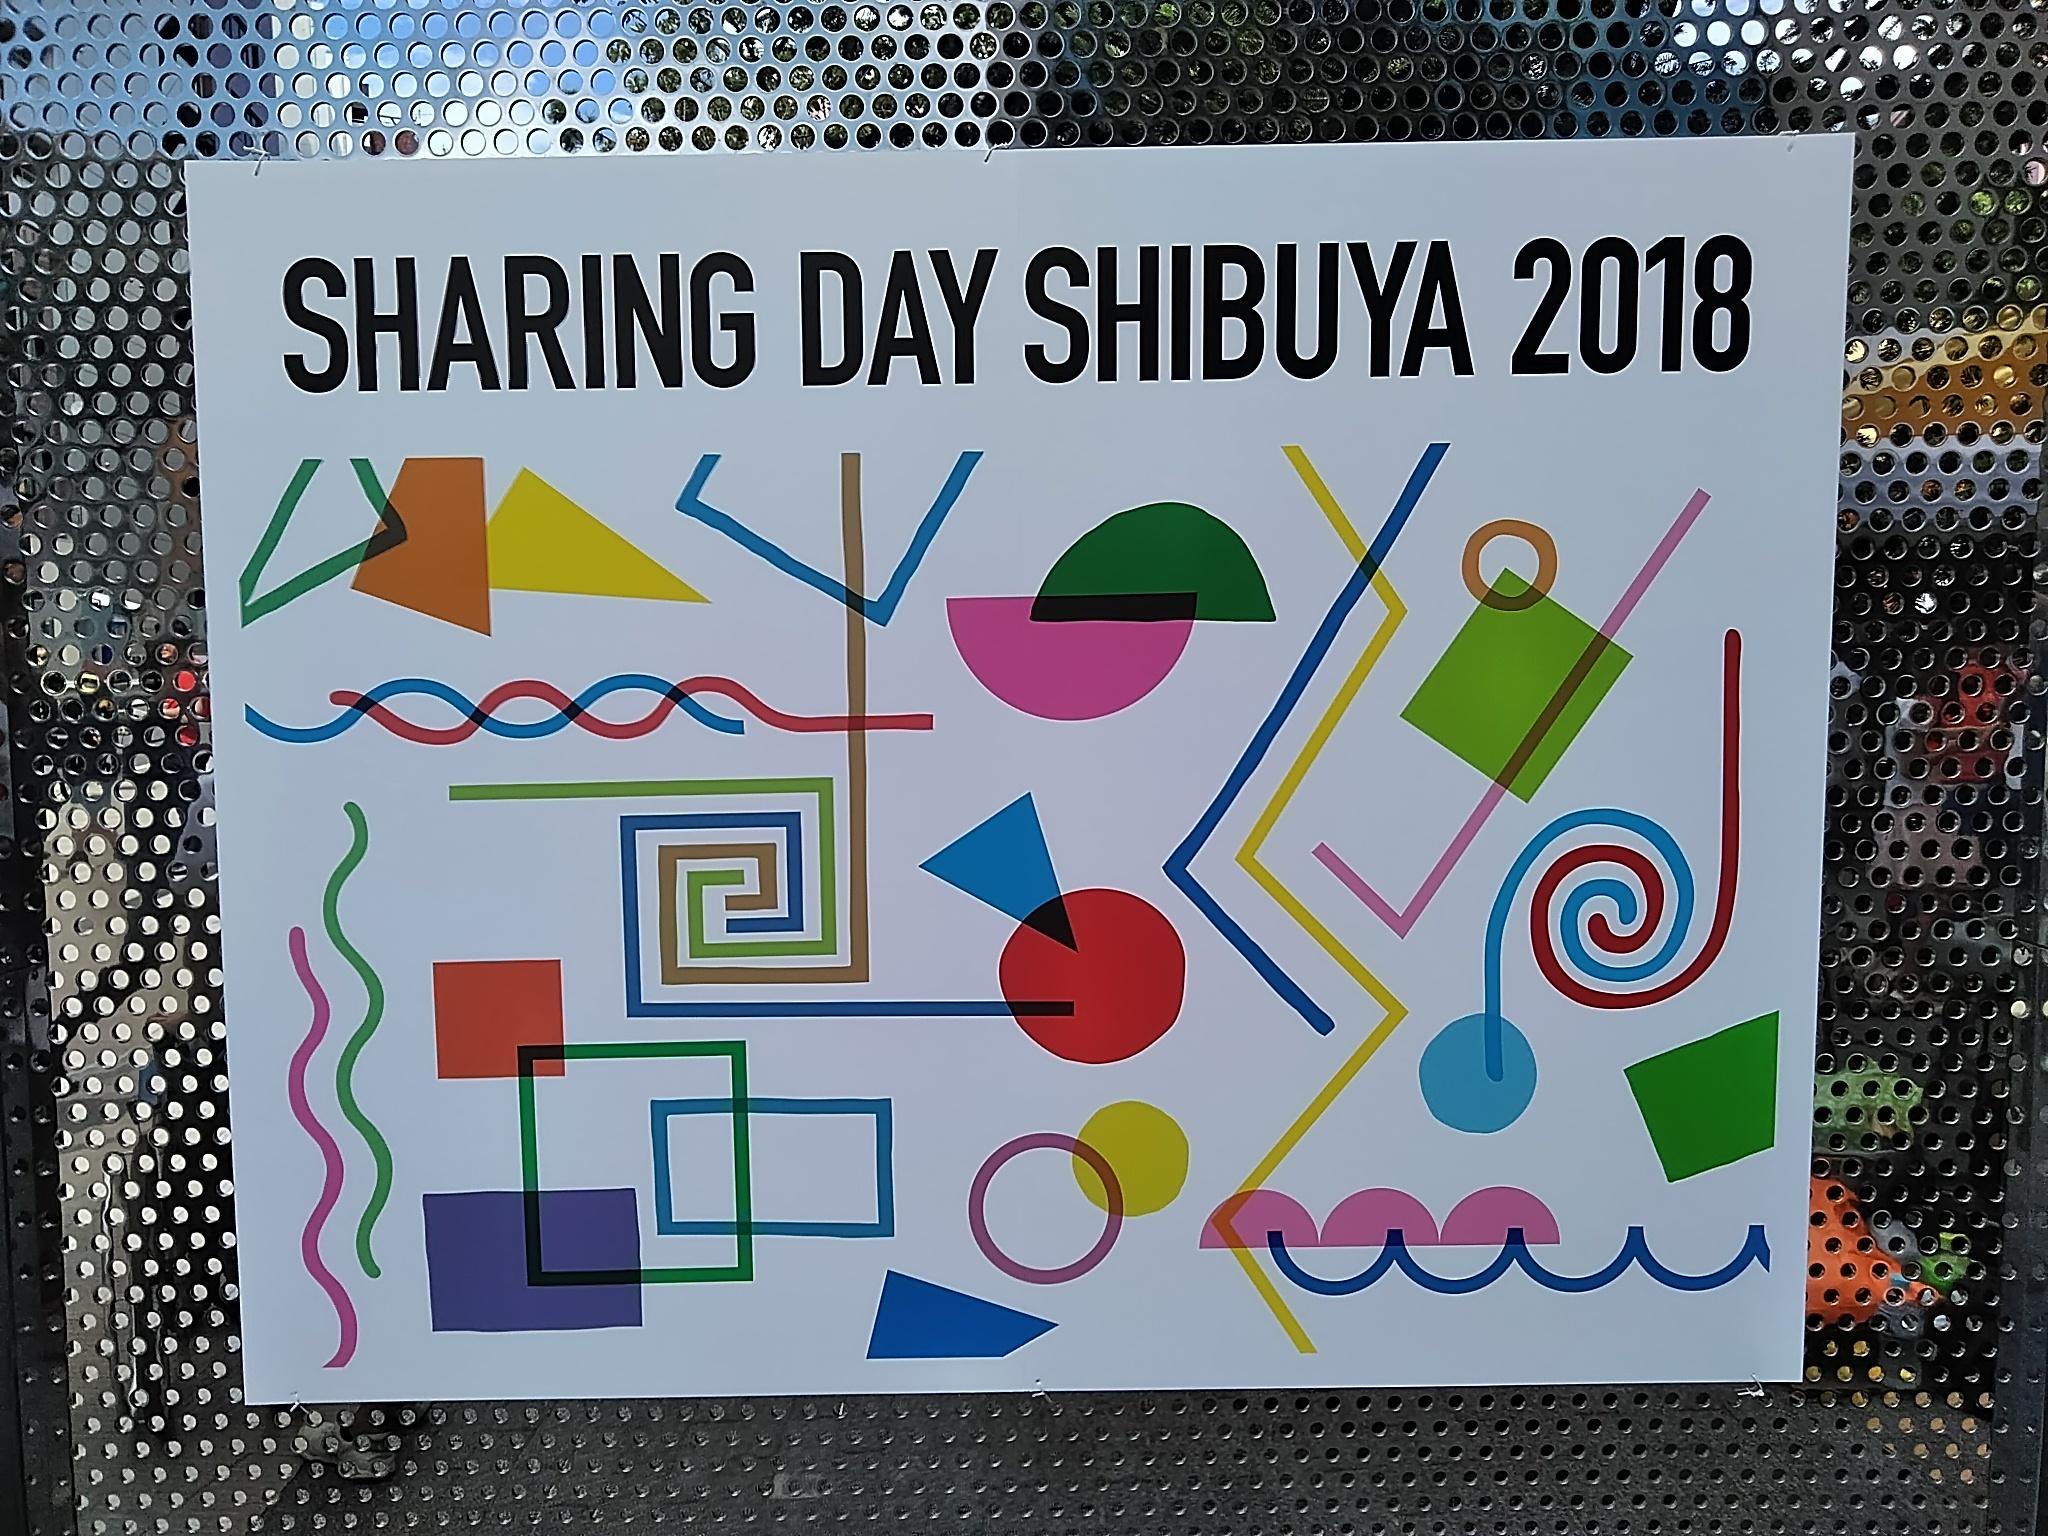 シェアリングデー渋谷2018